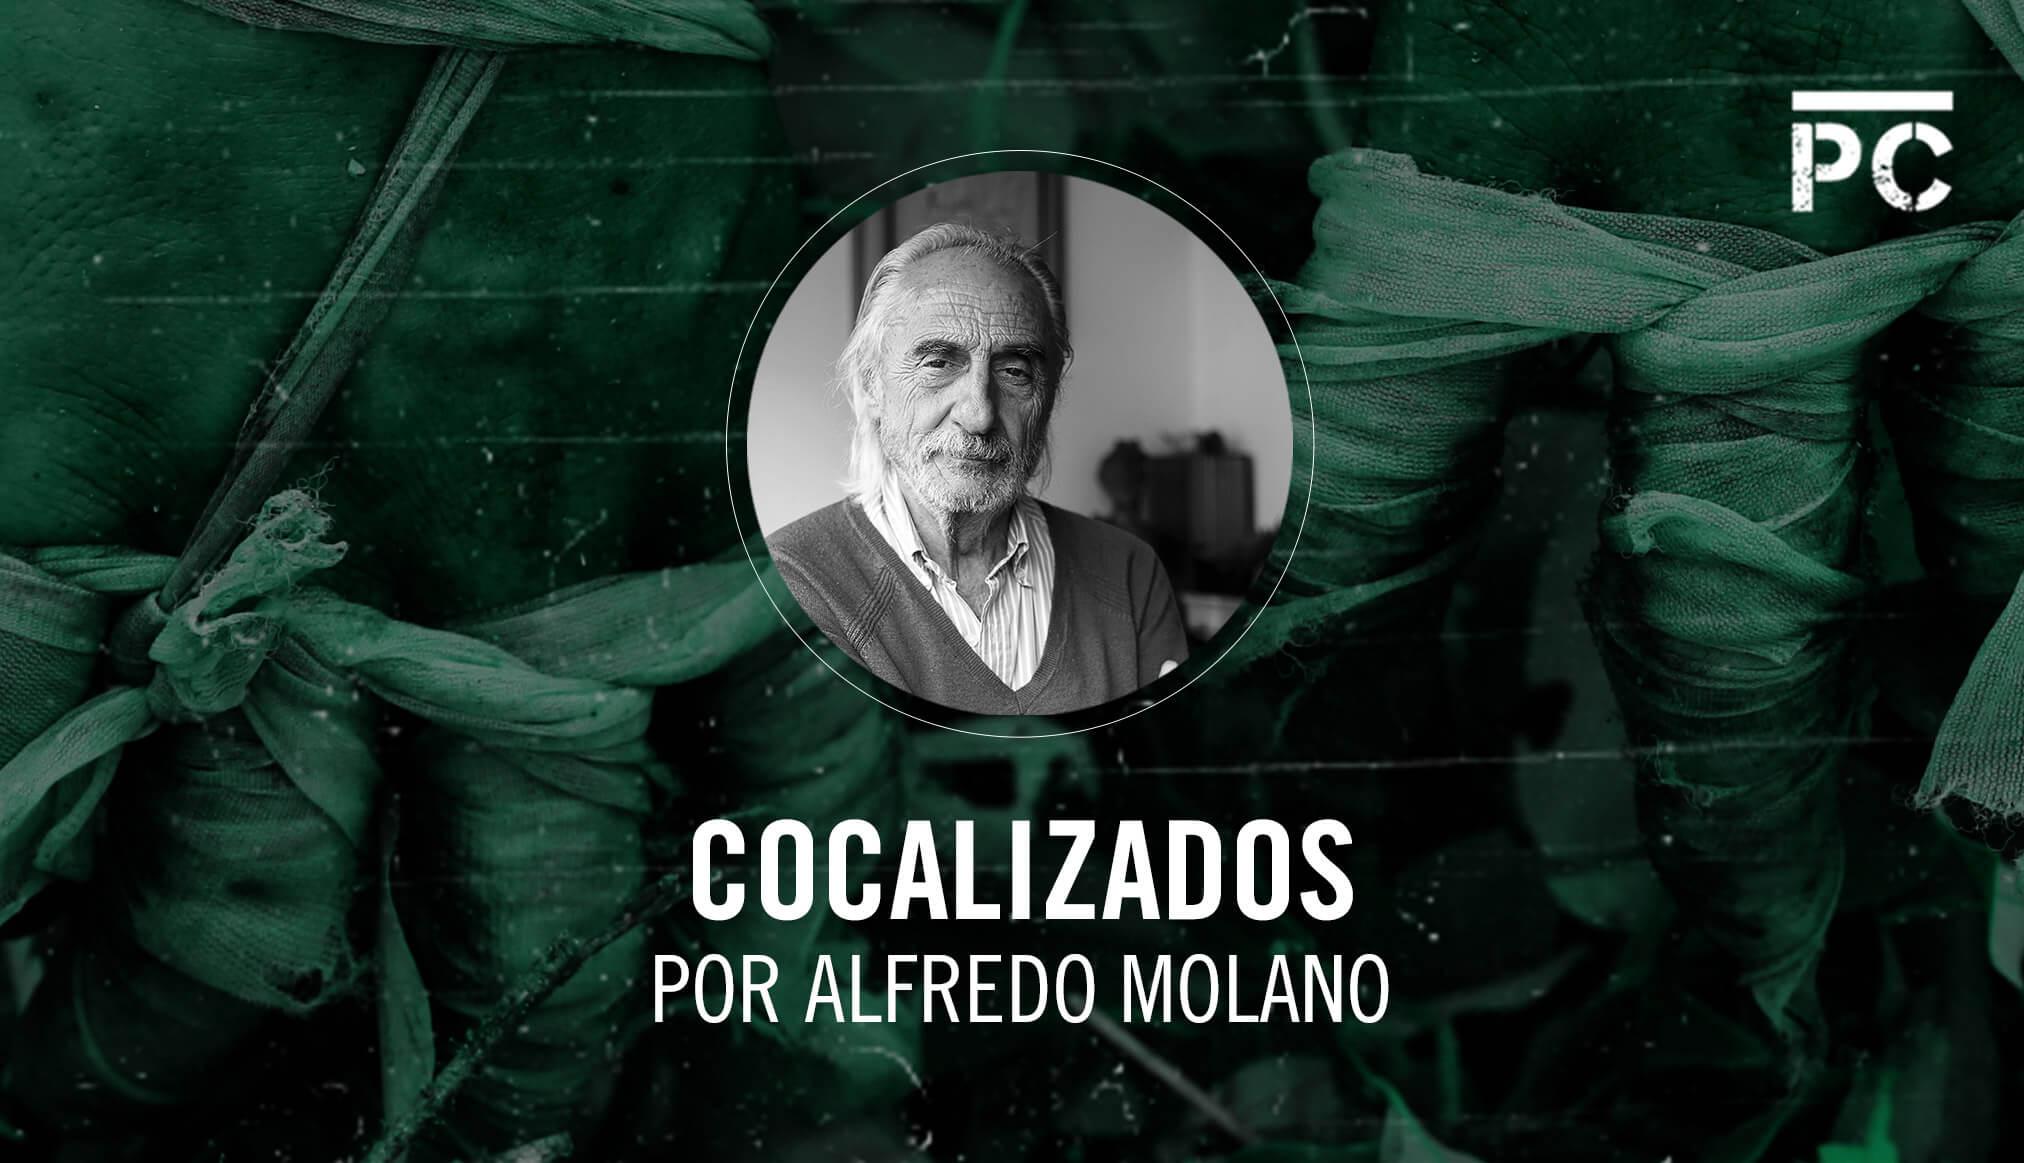 Coca y Farc: de la guerra contra la droga al acuerdo de paz